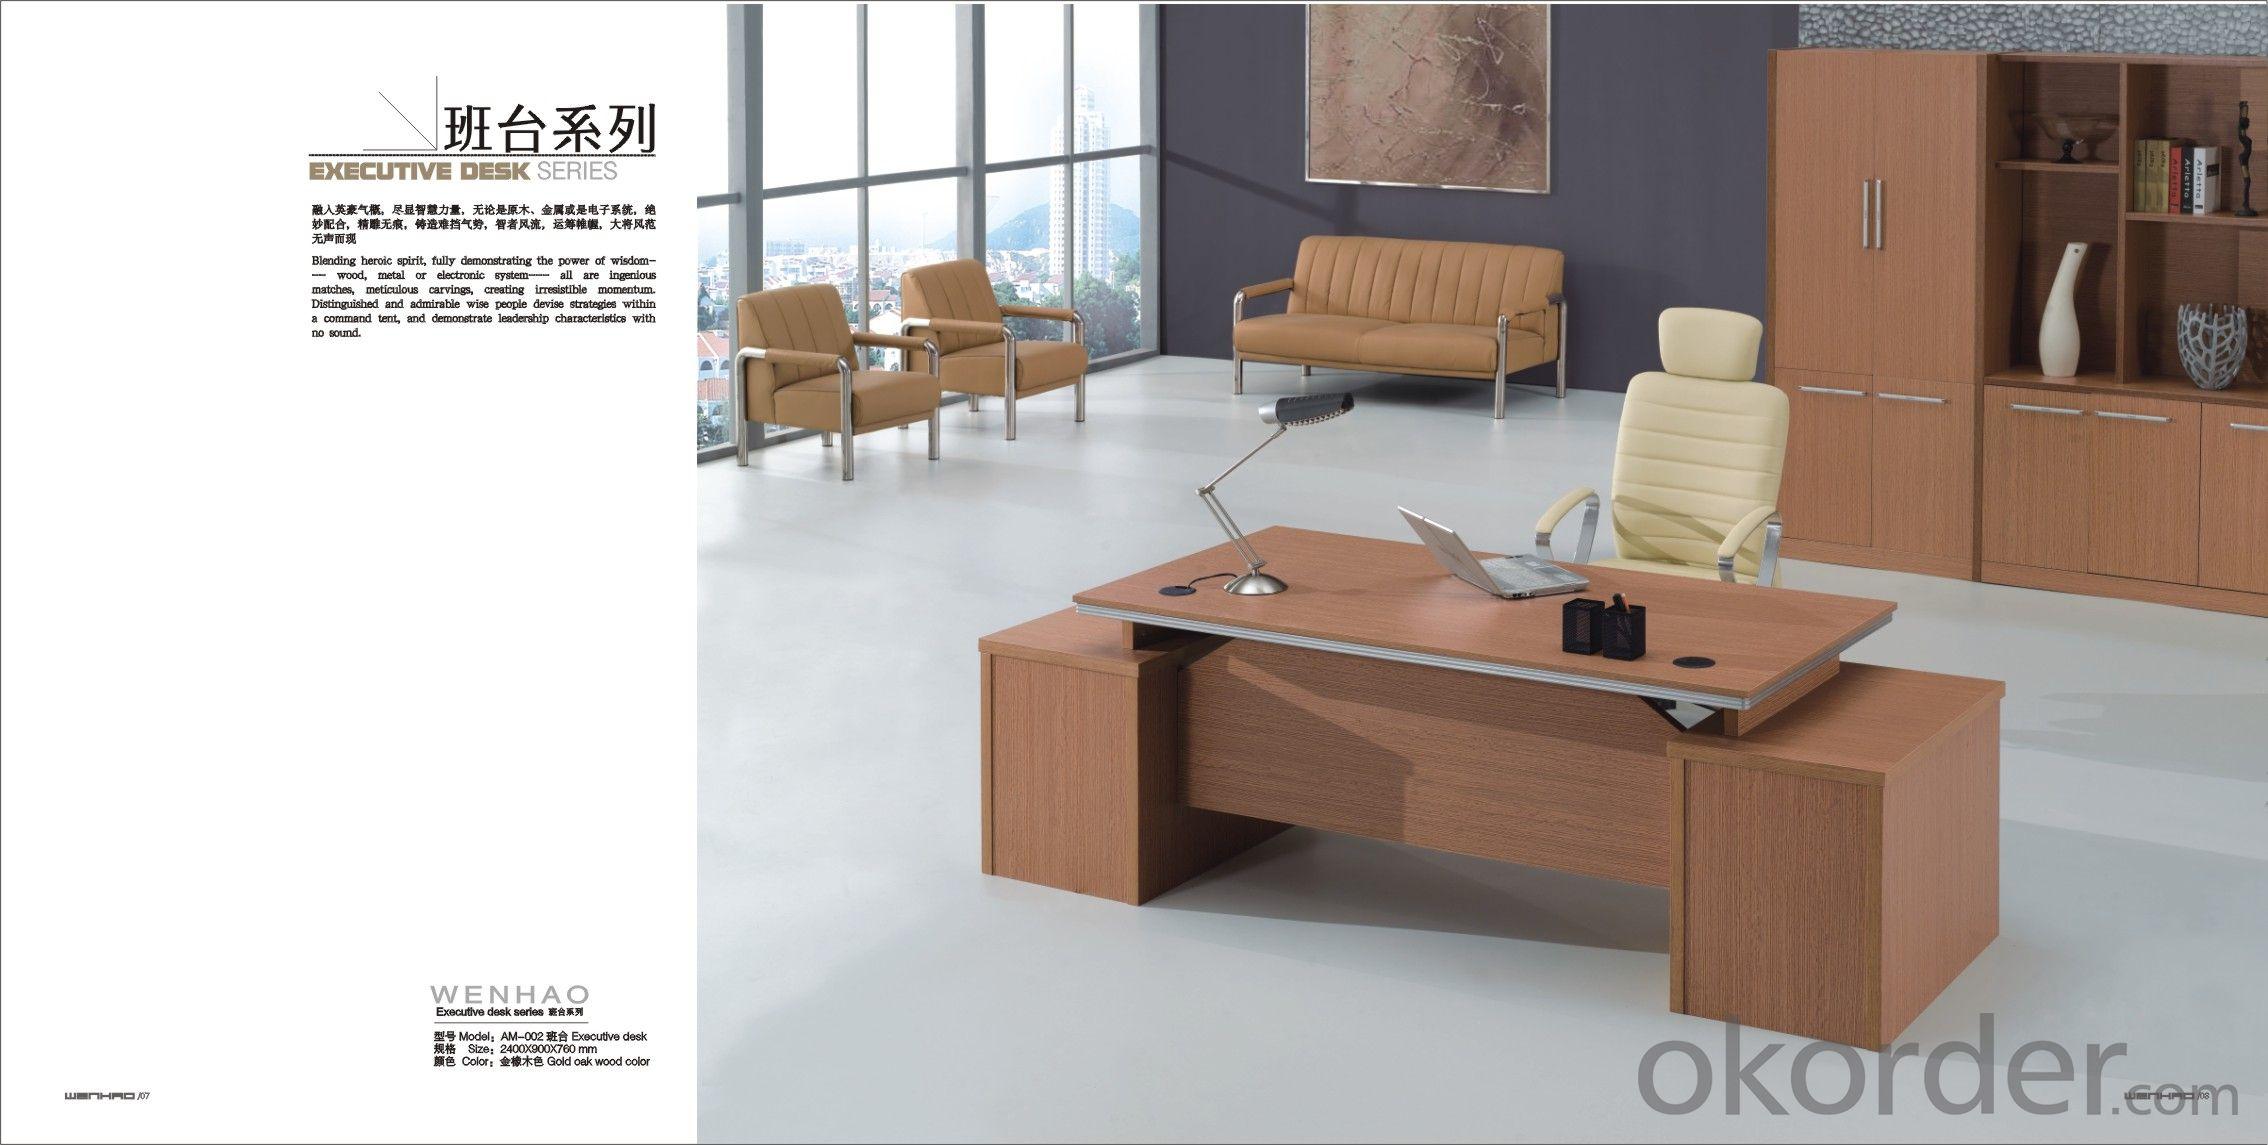 Office desk model-6